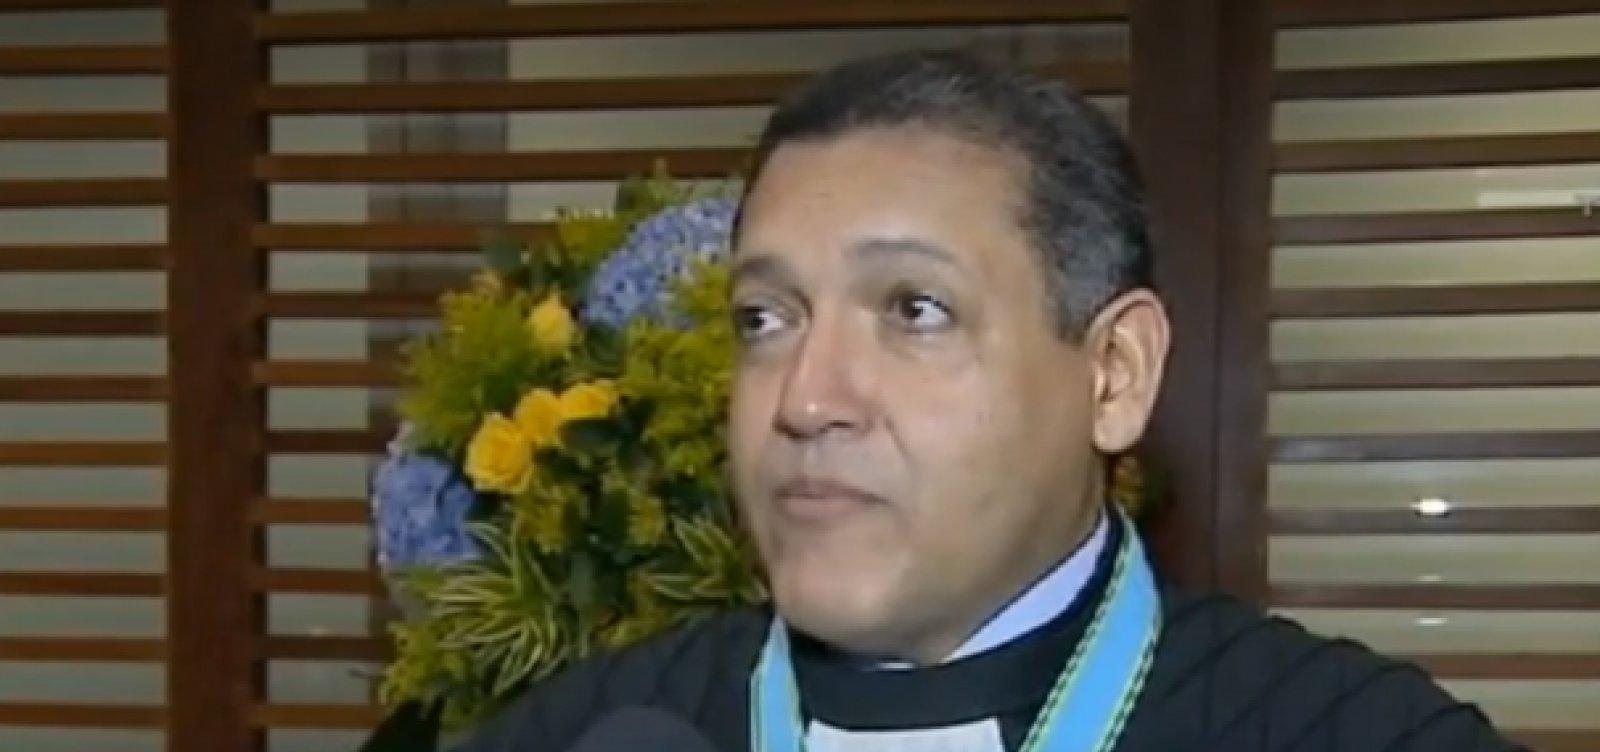 [Bolsonaro oficializa indicação de desembargador Kassio Marques para ministro do STF]